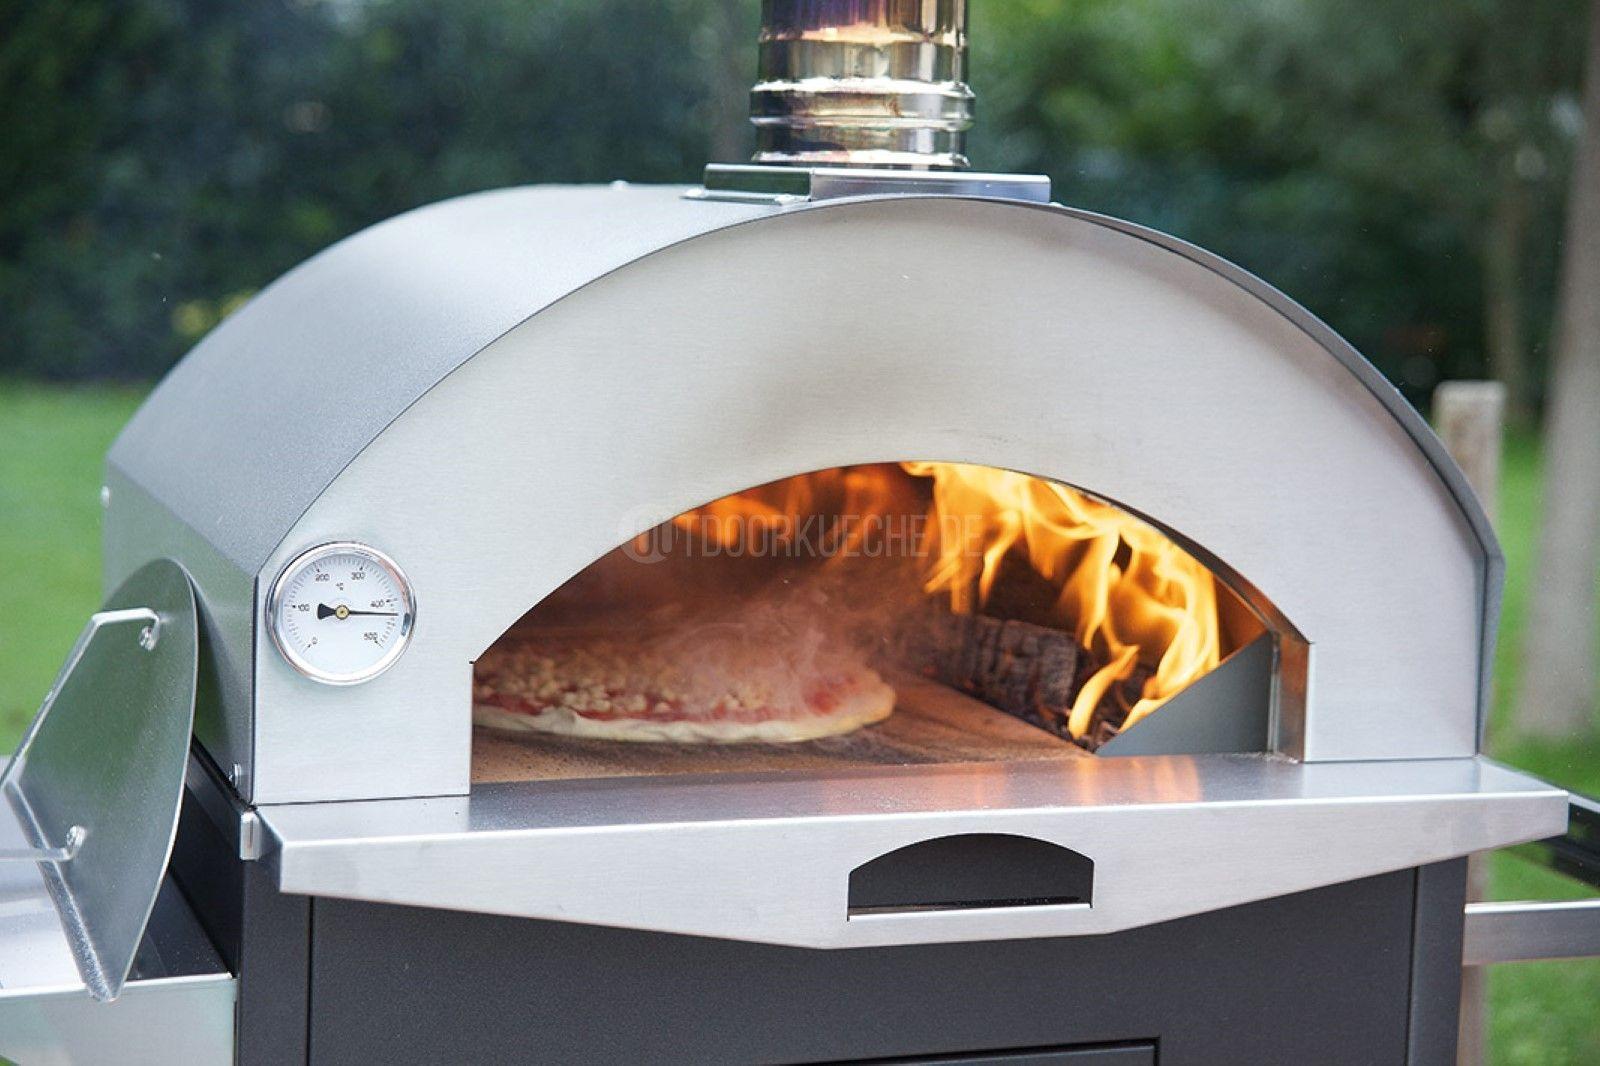 pizzaofen kaufen buy pizzaoven infos zu holzbackofen gasofen indirekter ofen und mobiler. Black Bedroom Furniture Sets. Home Design Ideas